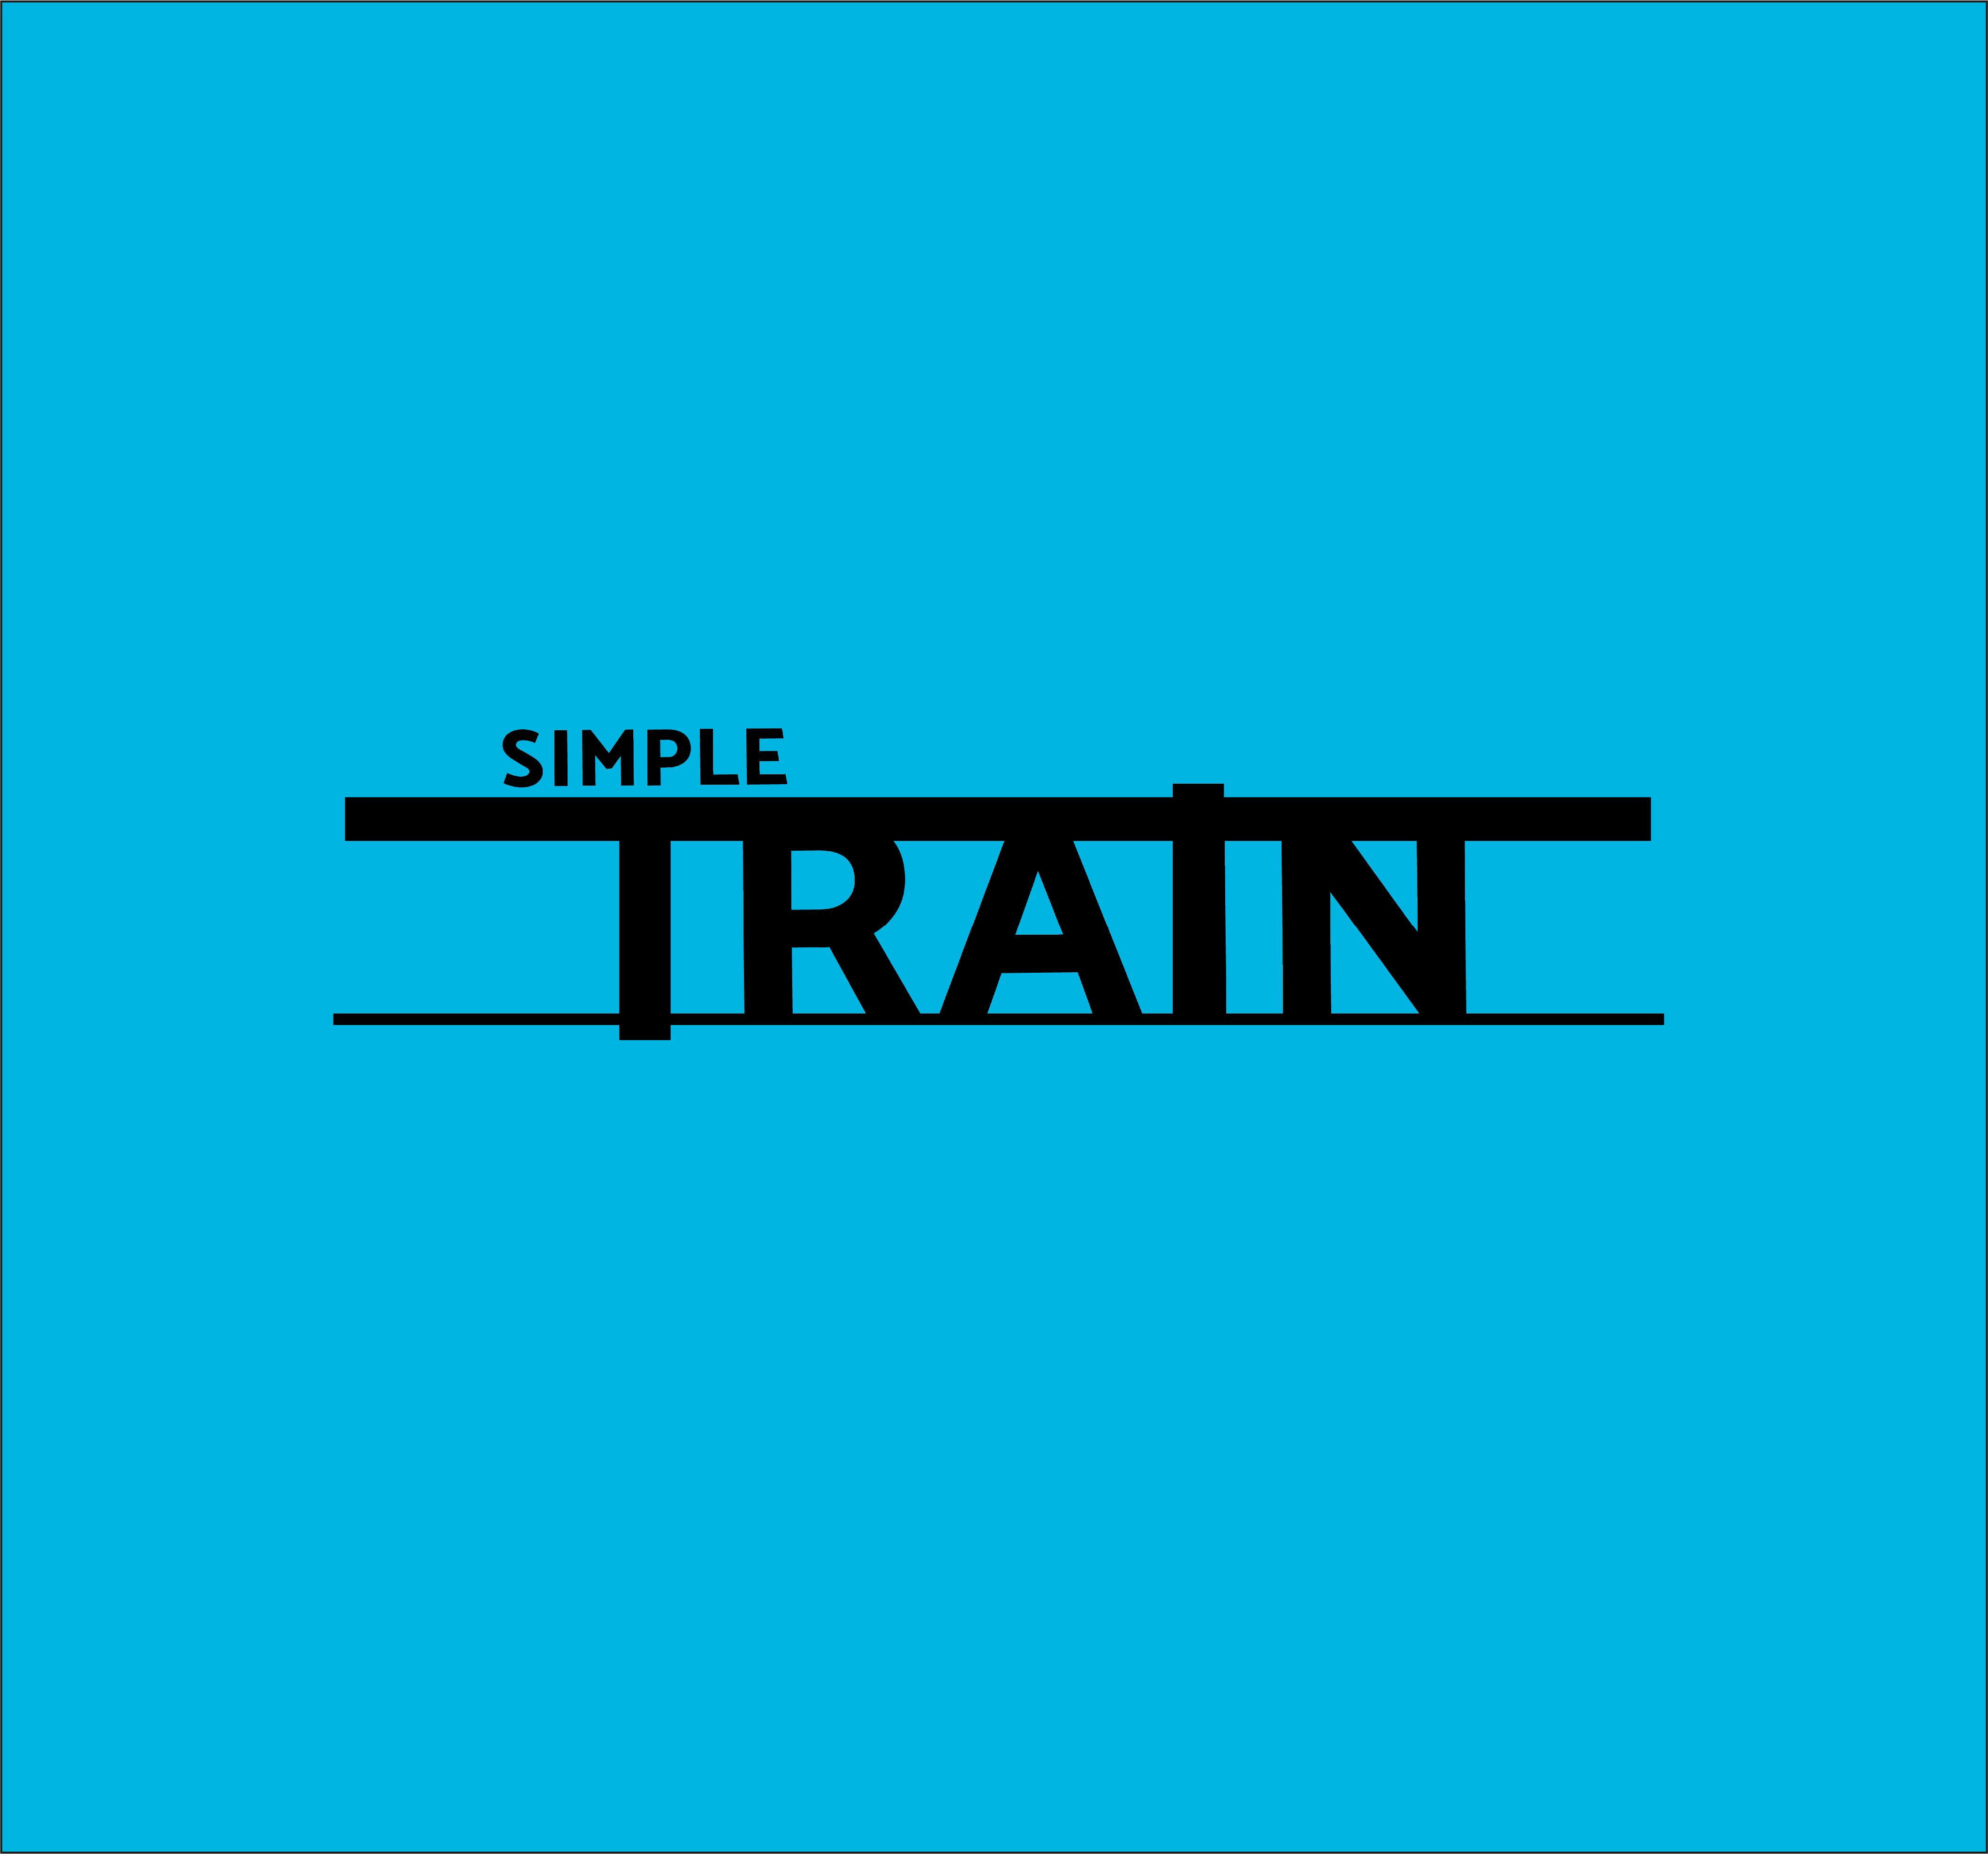 SimpleTrain